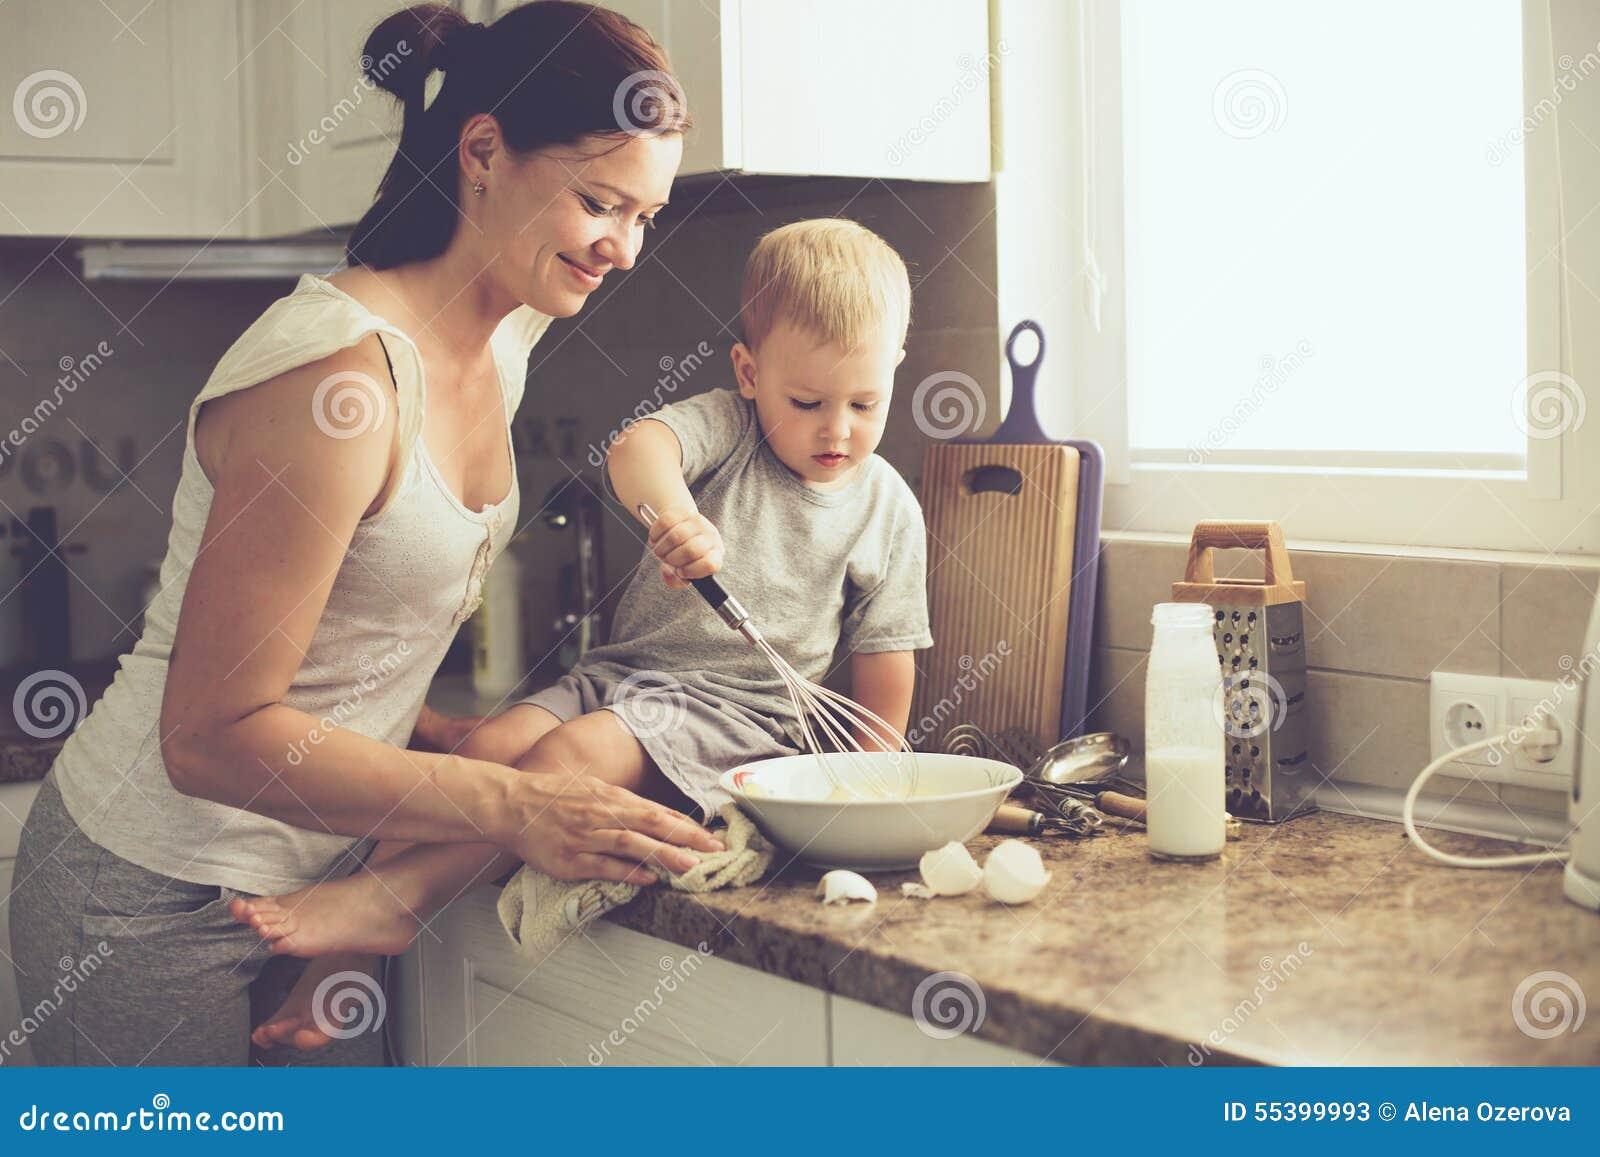 Mutter Mit Dem Kind, Das Zusammen Kocht Stockbild - Bild